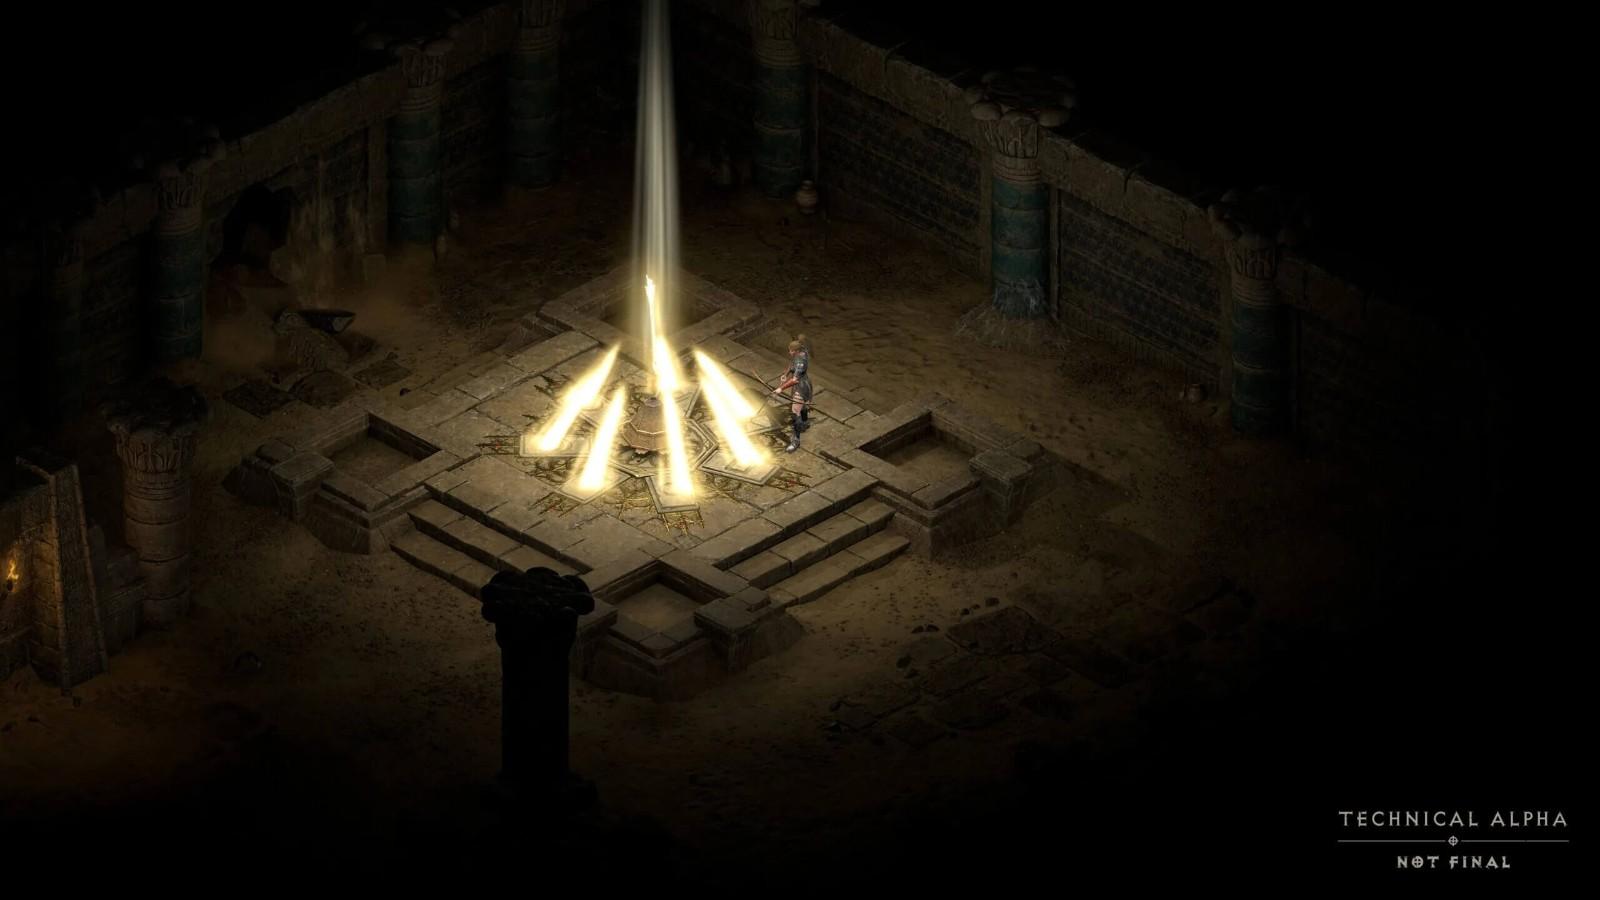 《暗黑破坏神2:重制版》新截图 游戏画面焕然一新